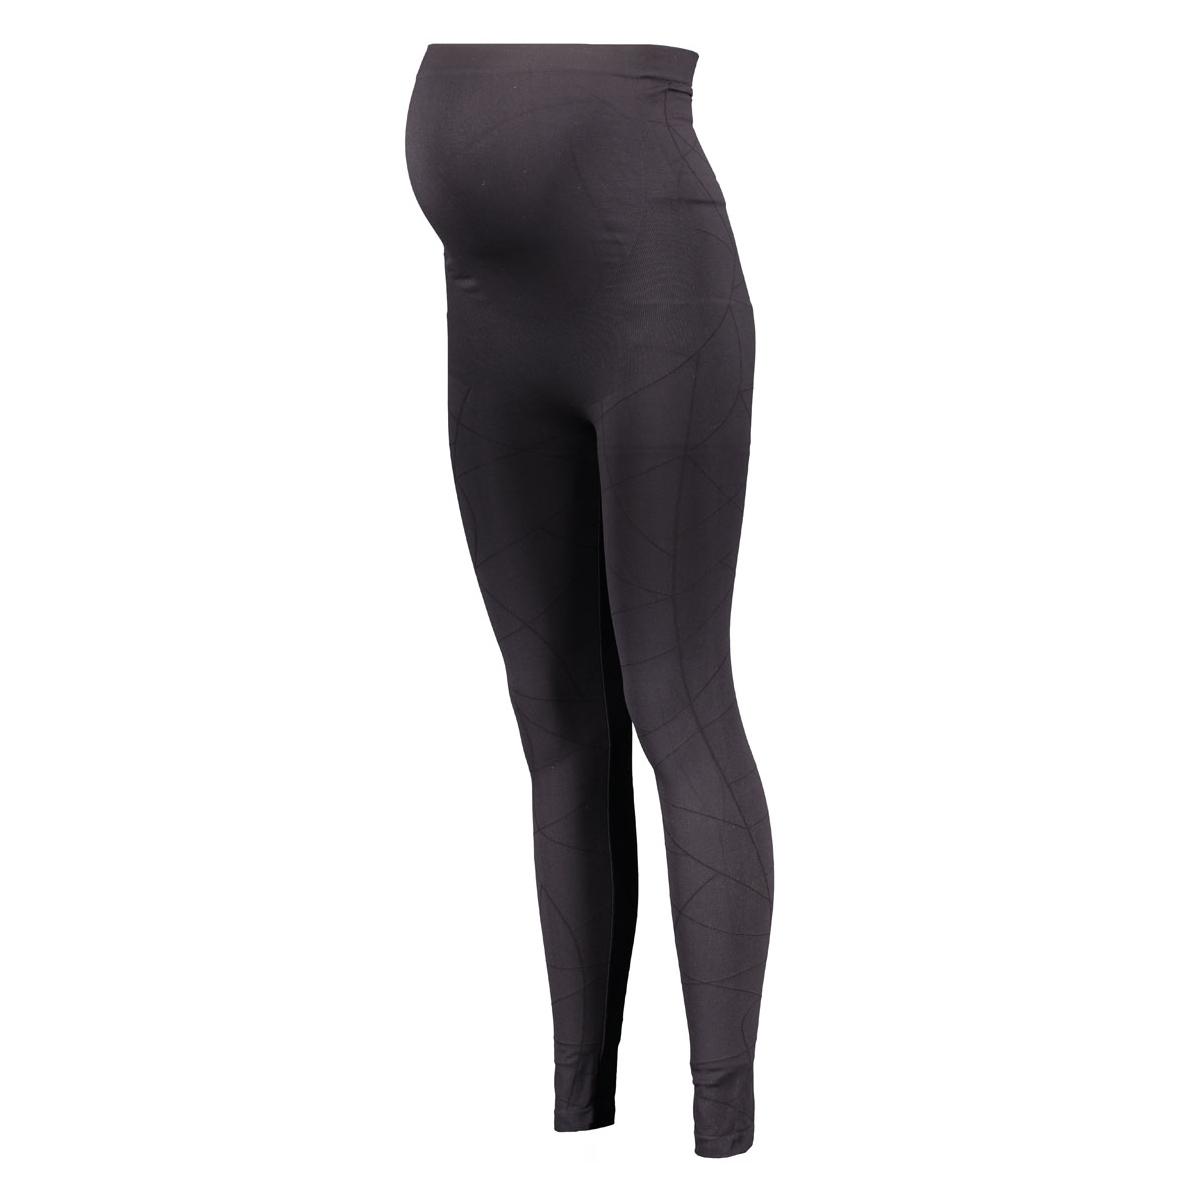 60754 legging jacq noppies positie broek black